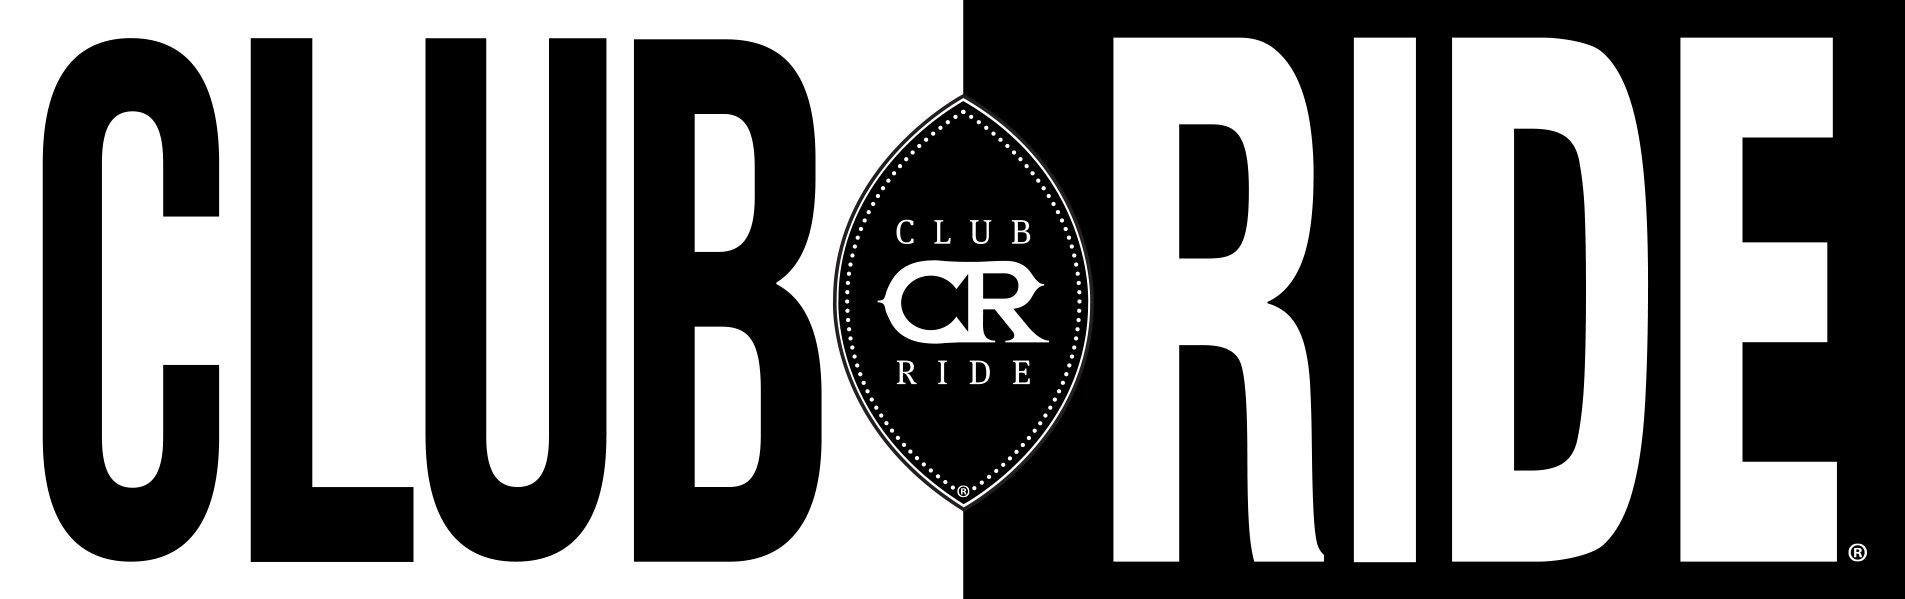 CLUB_RIDE_-_Black_While_Jul-17-14.jpg